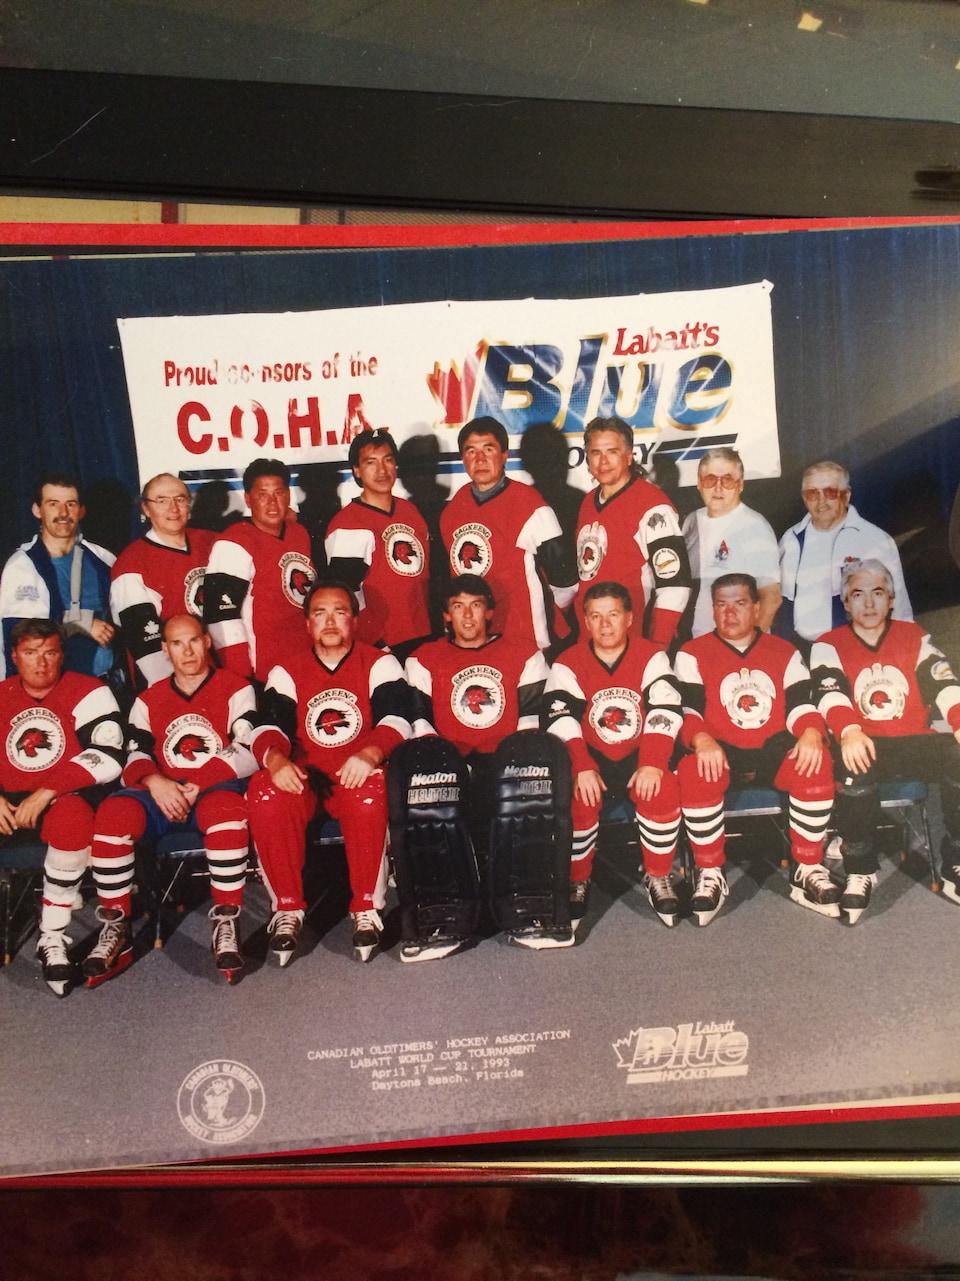 Photographie de l'équipe des Oldtimers de Sagkeeng en 1993 : douze joueurs et trois entraîneurs.